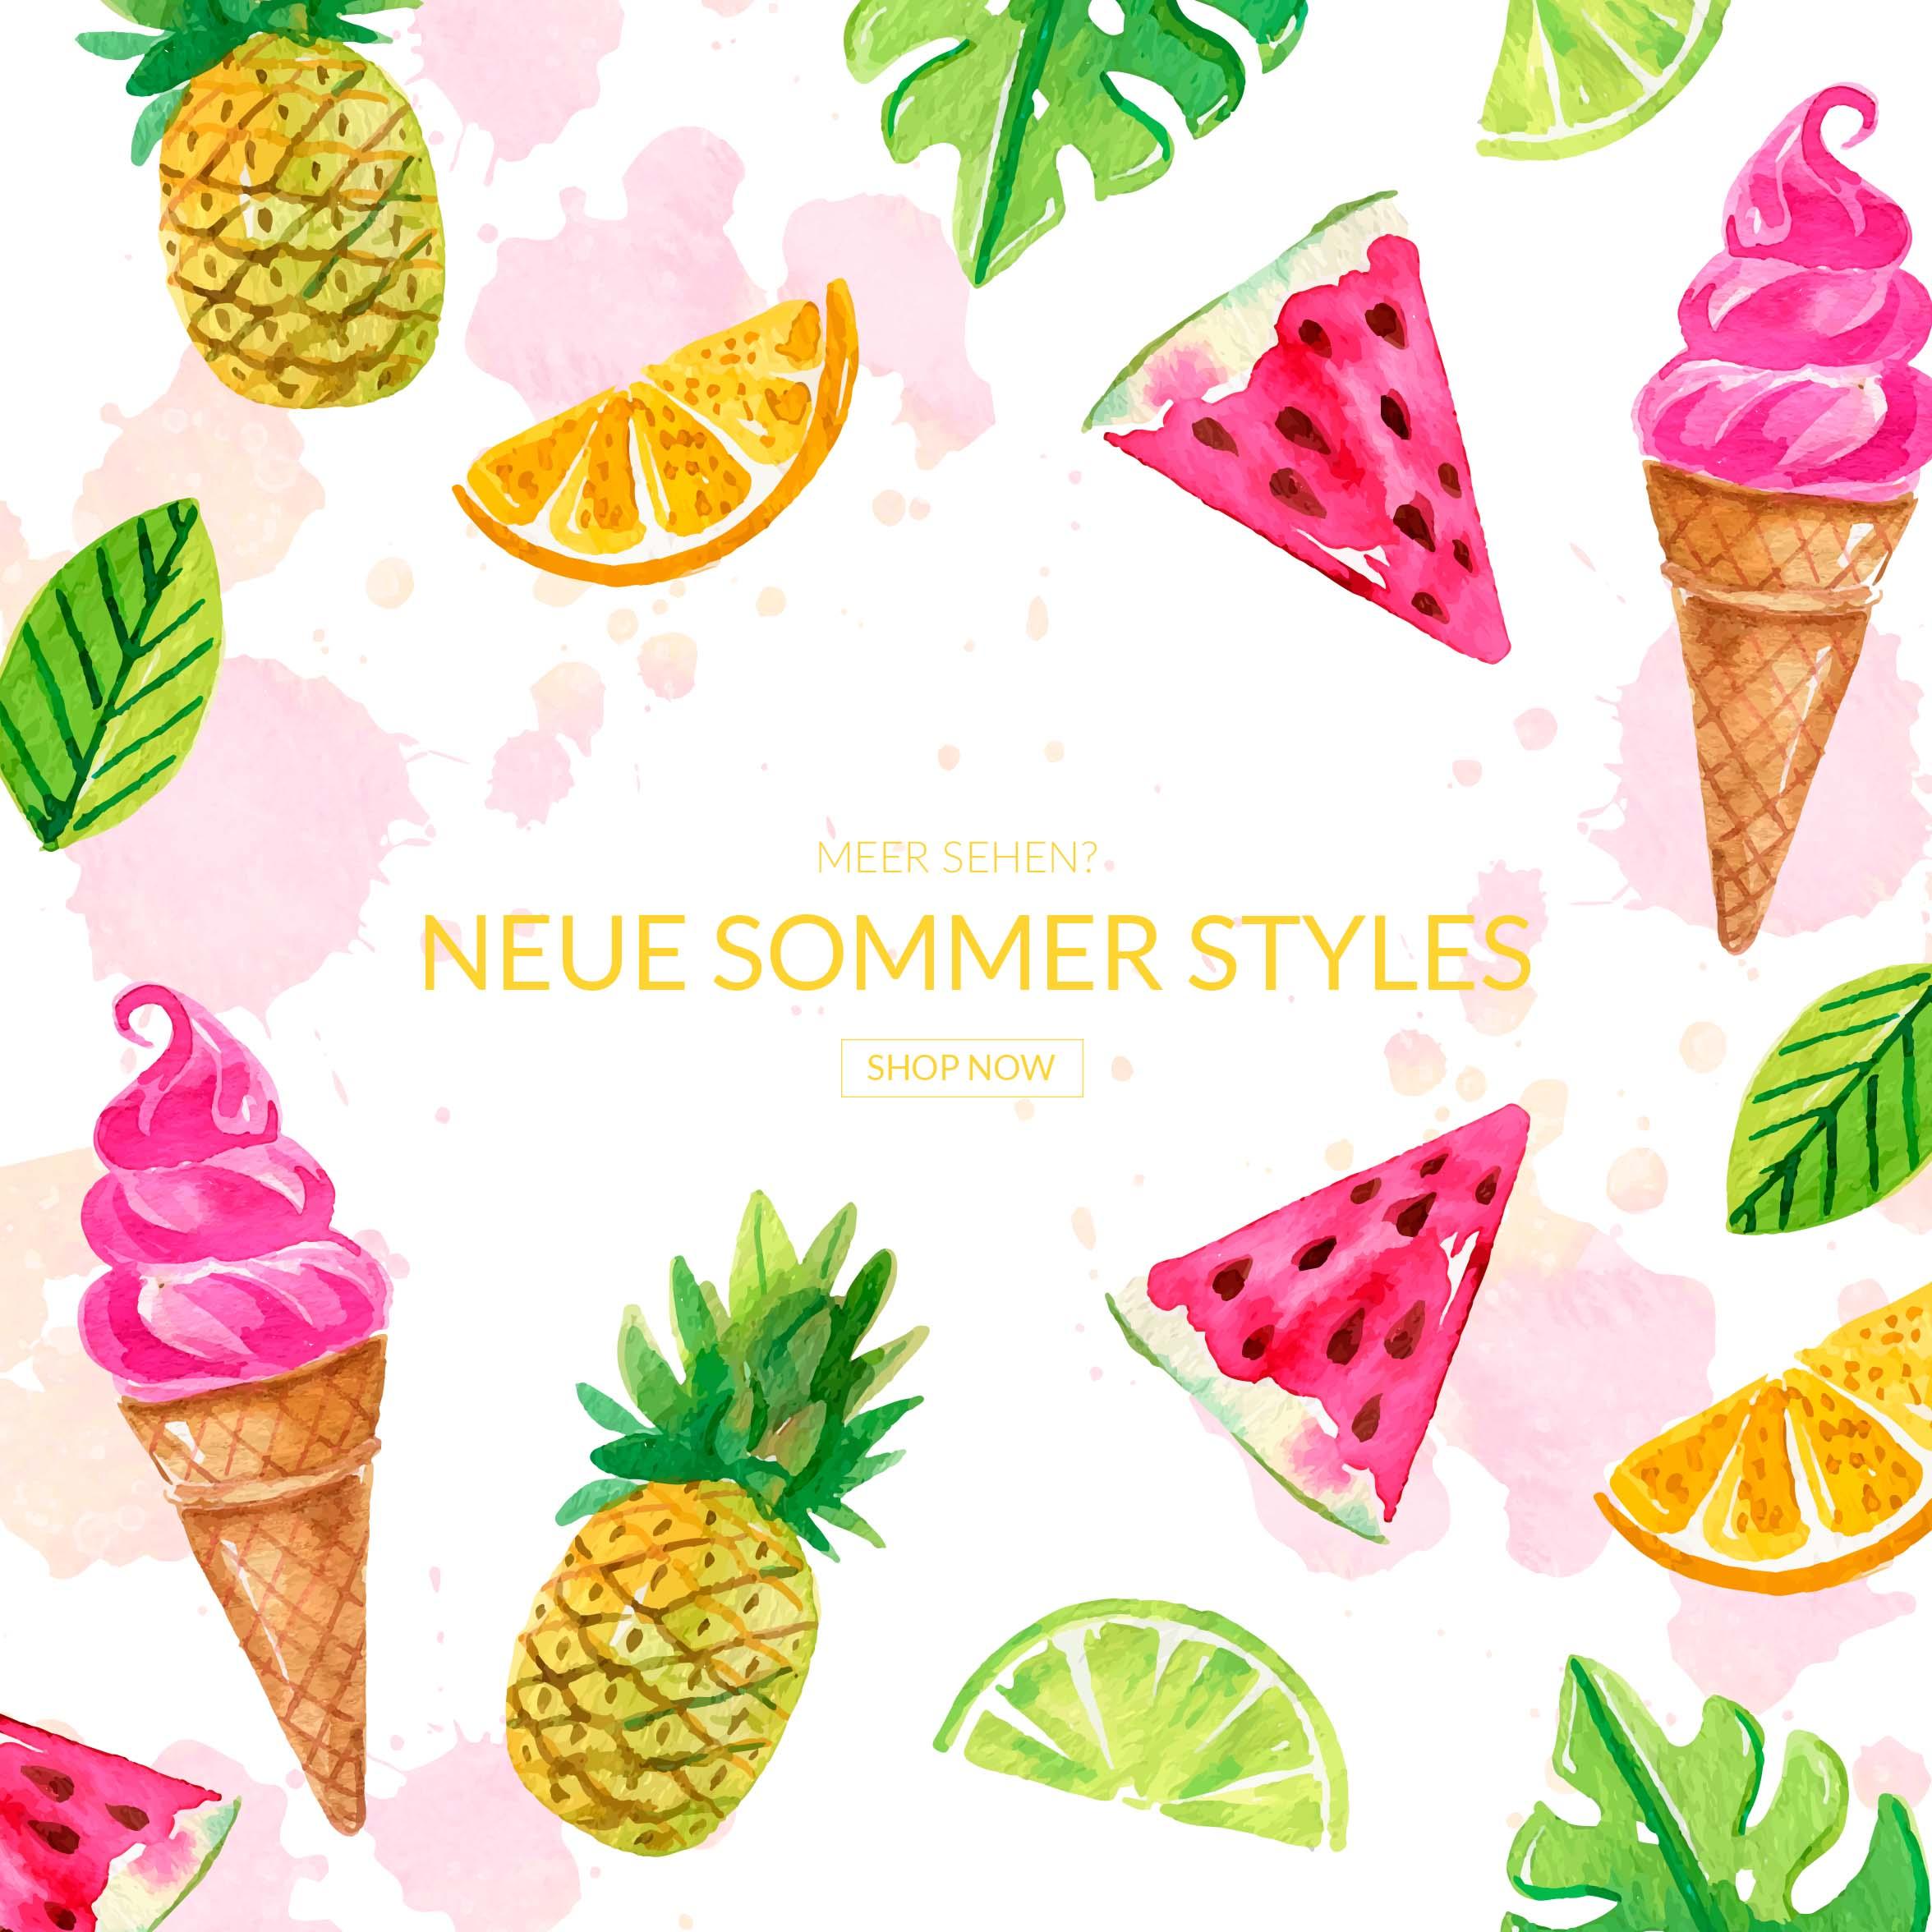 Neue Sommerliche Styles passend für den Urlaub am Meer jetzt in der Mavi Jeans Kollektion für Frauen und Männer